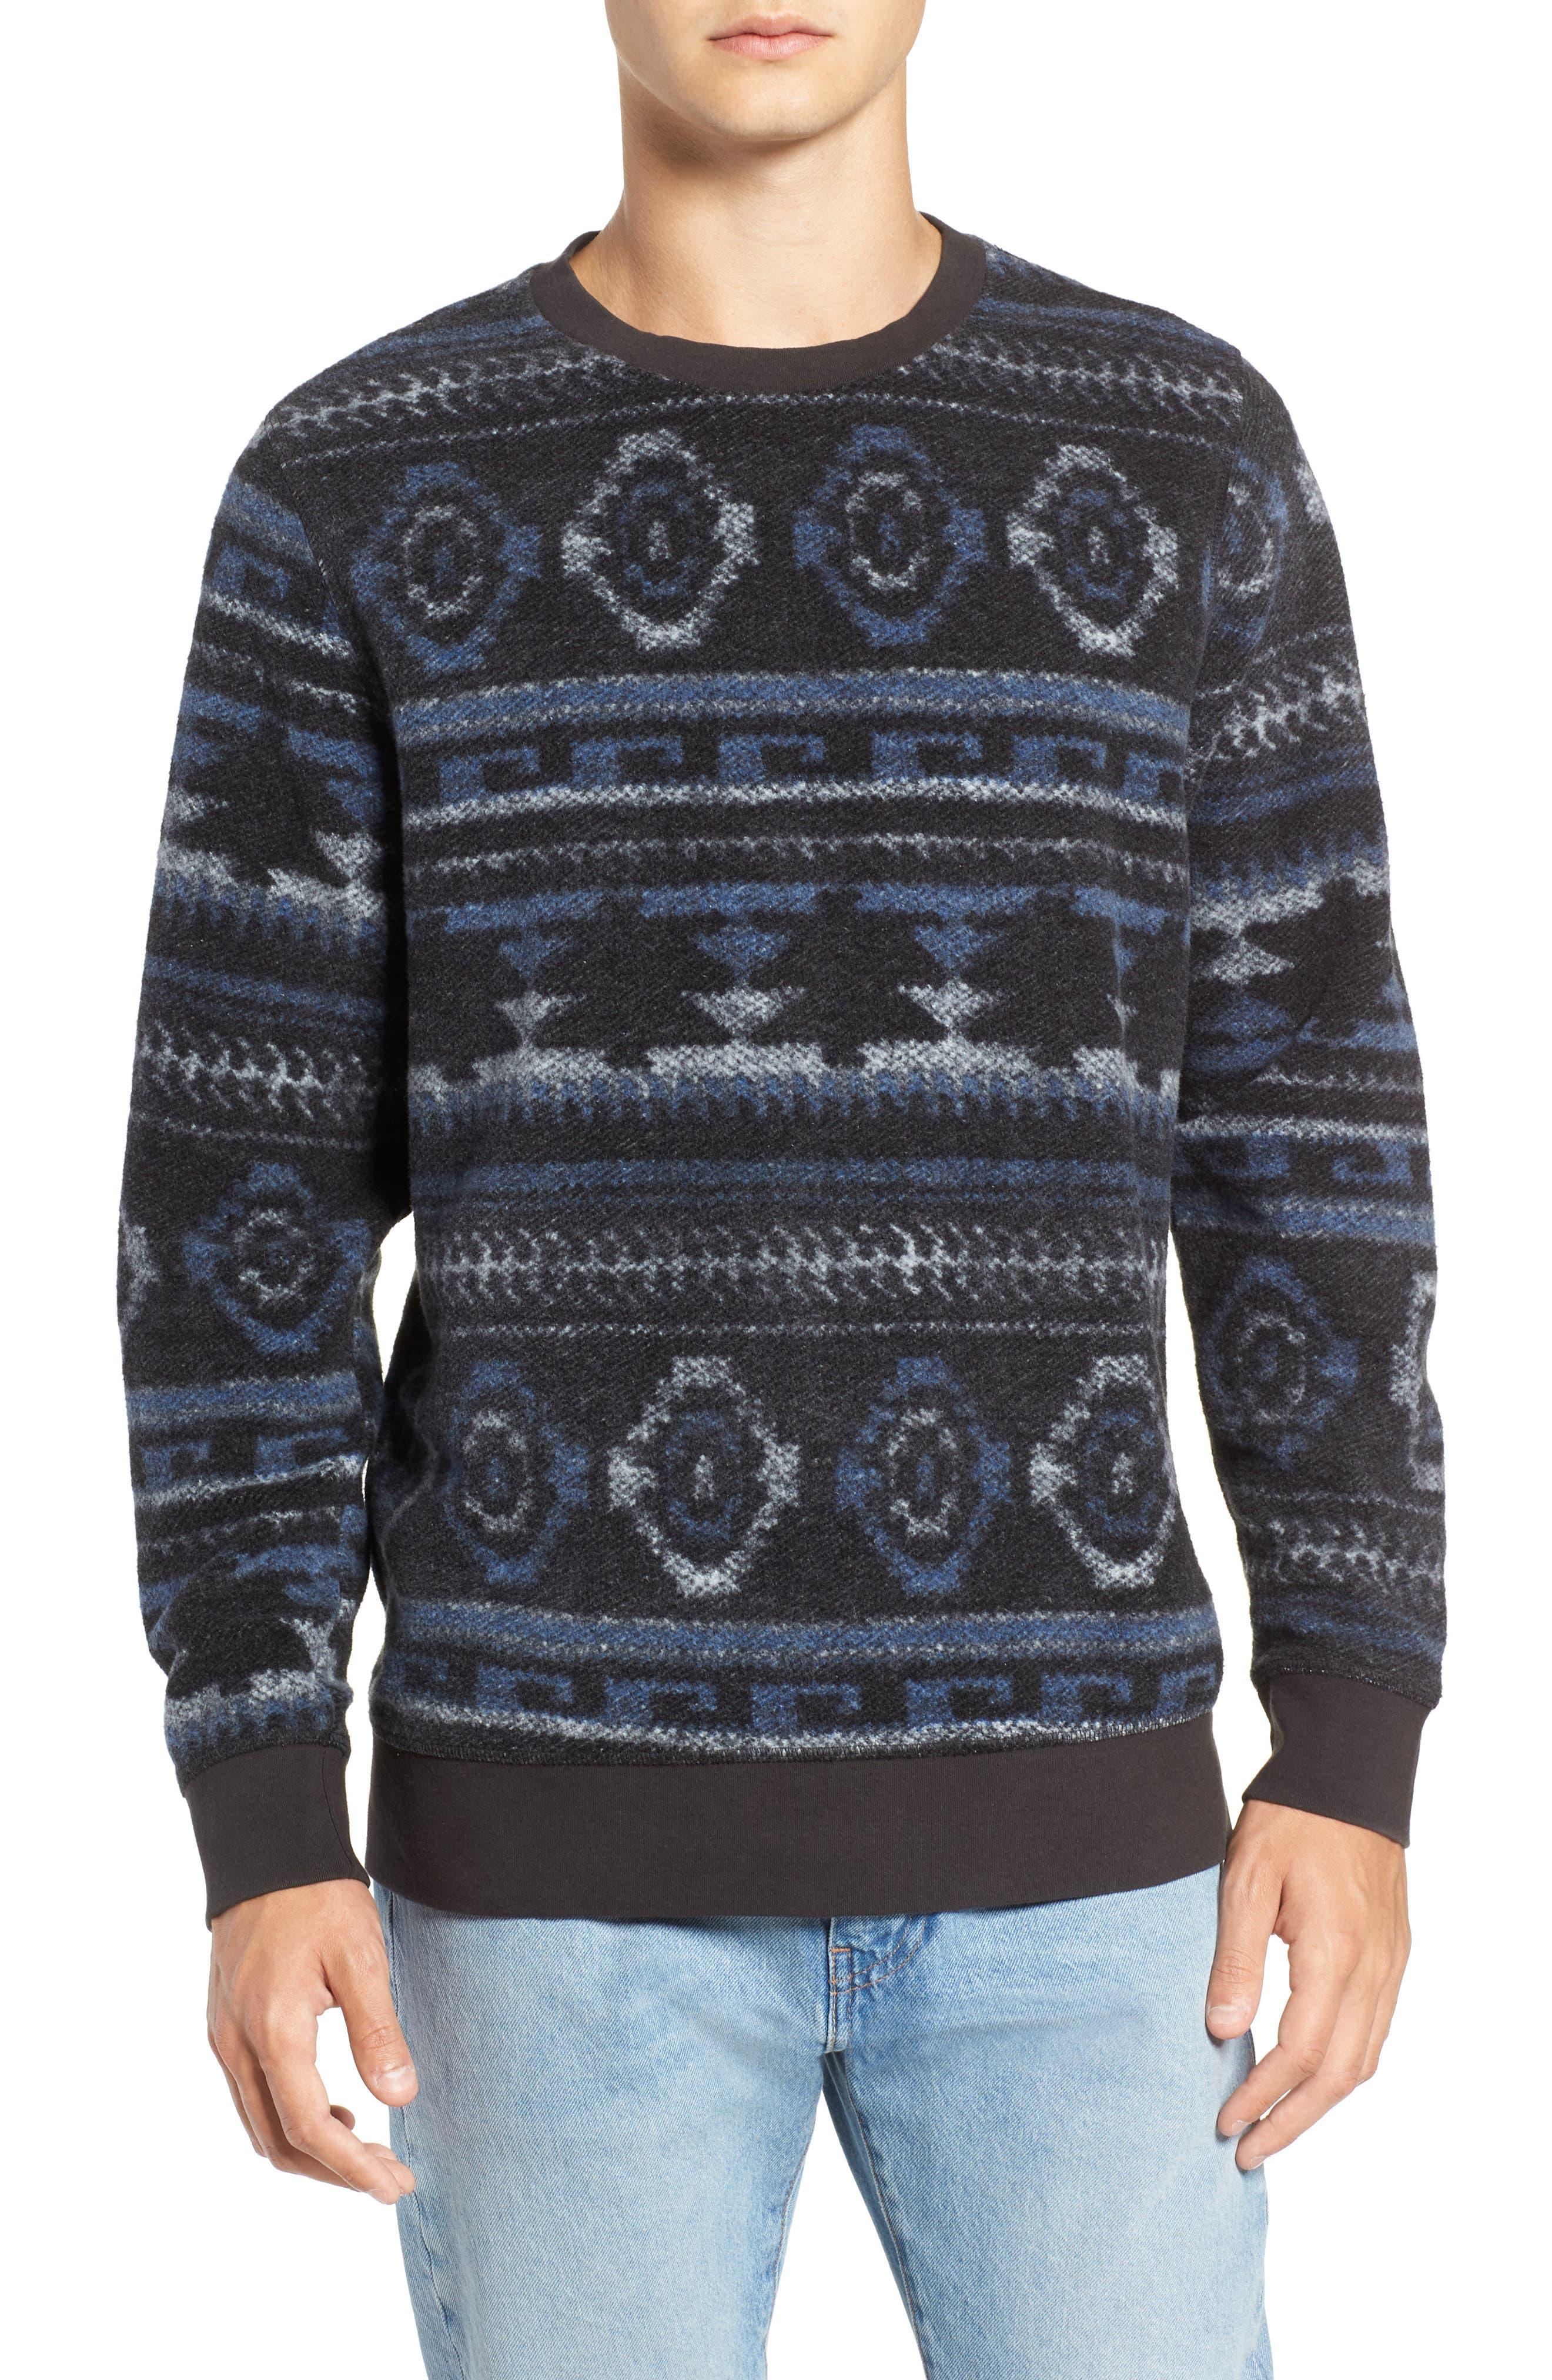 Fleece Sweatshirt,                             Main thumbnail 1, color,                             020